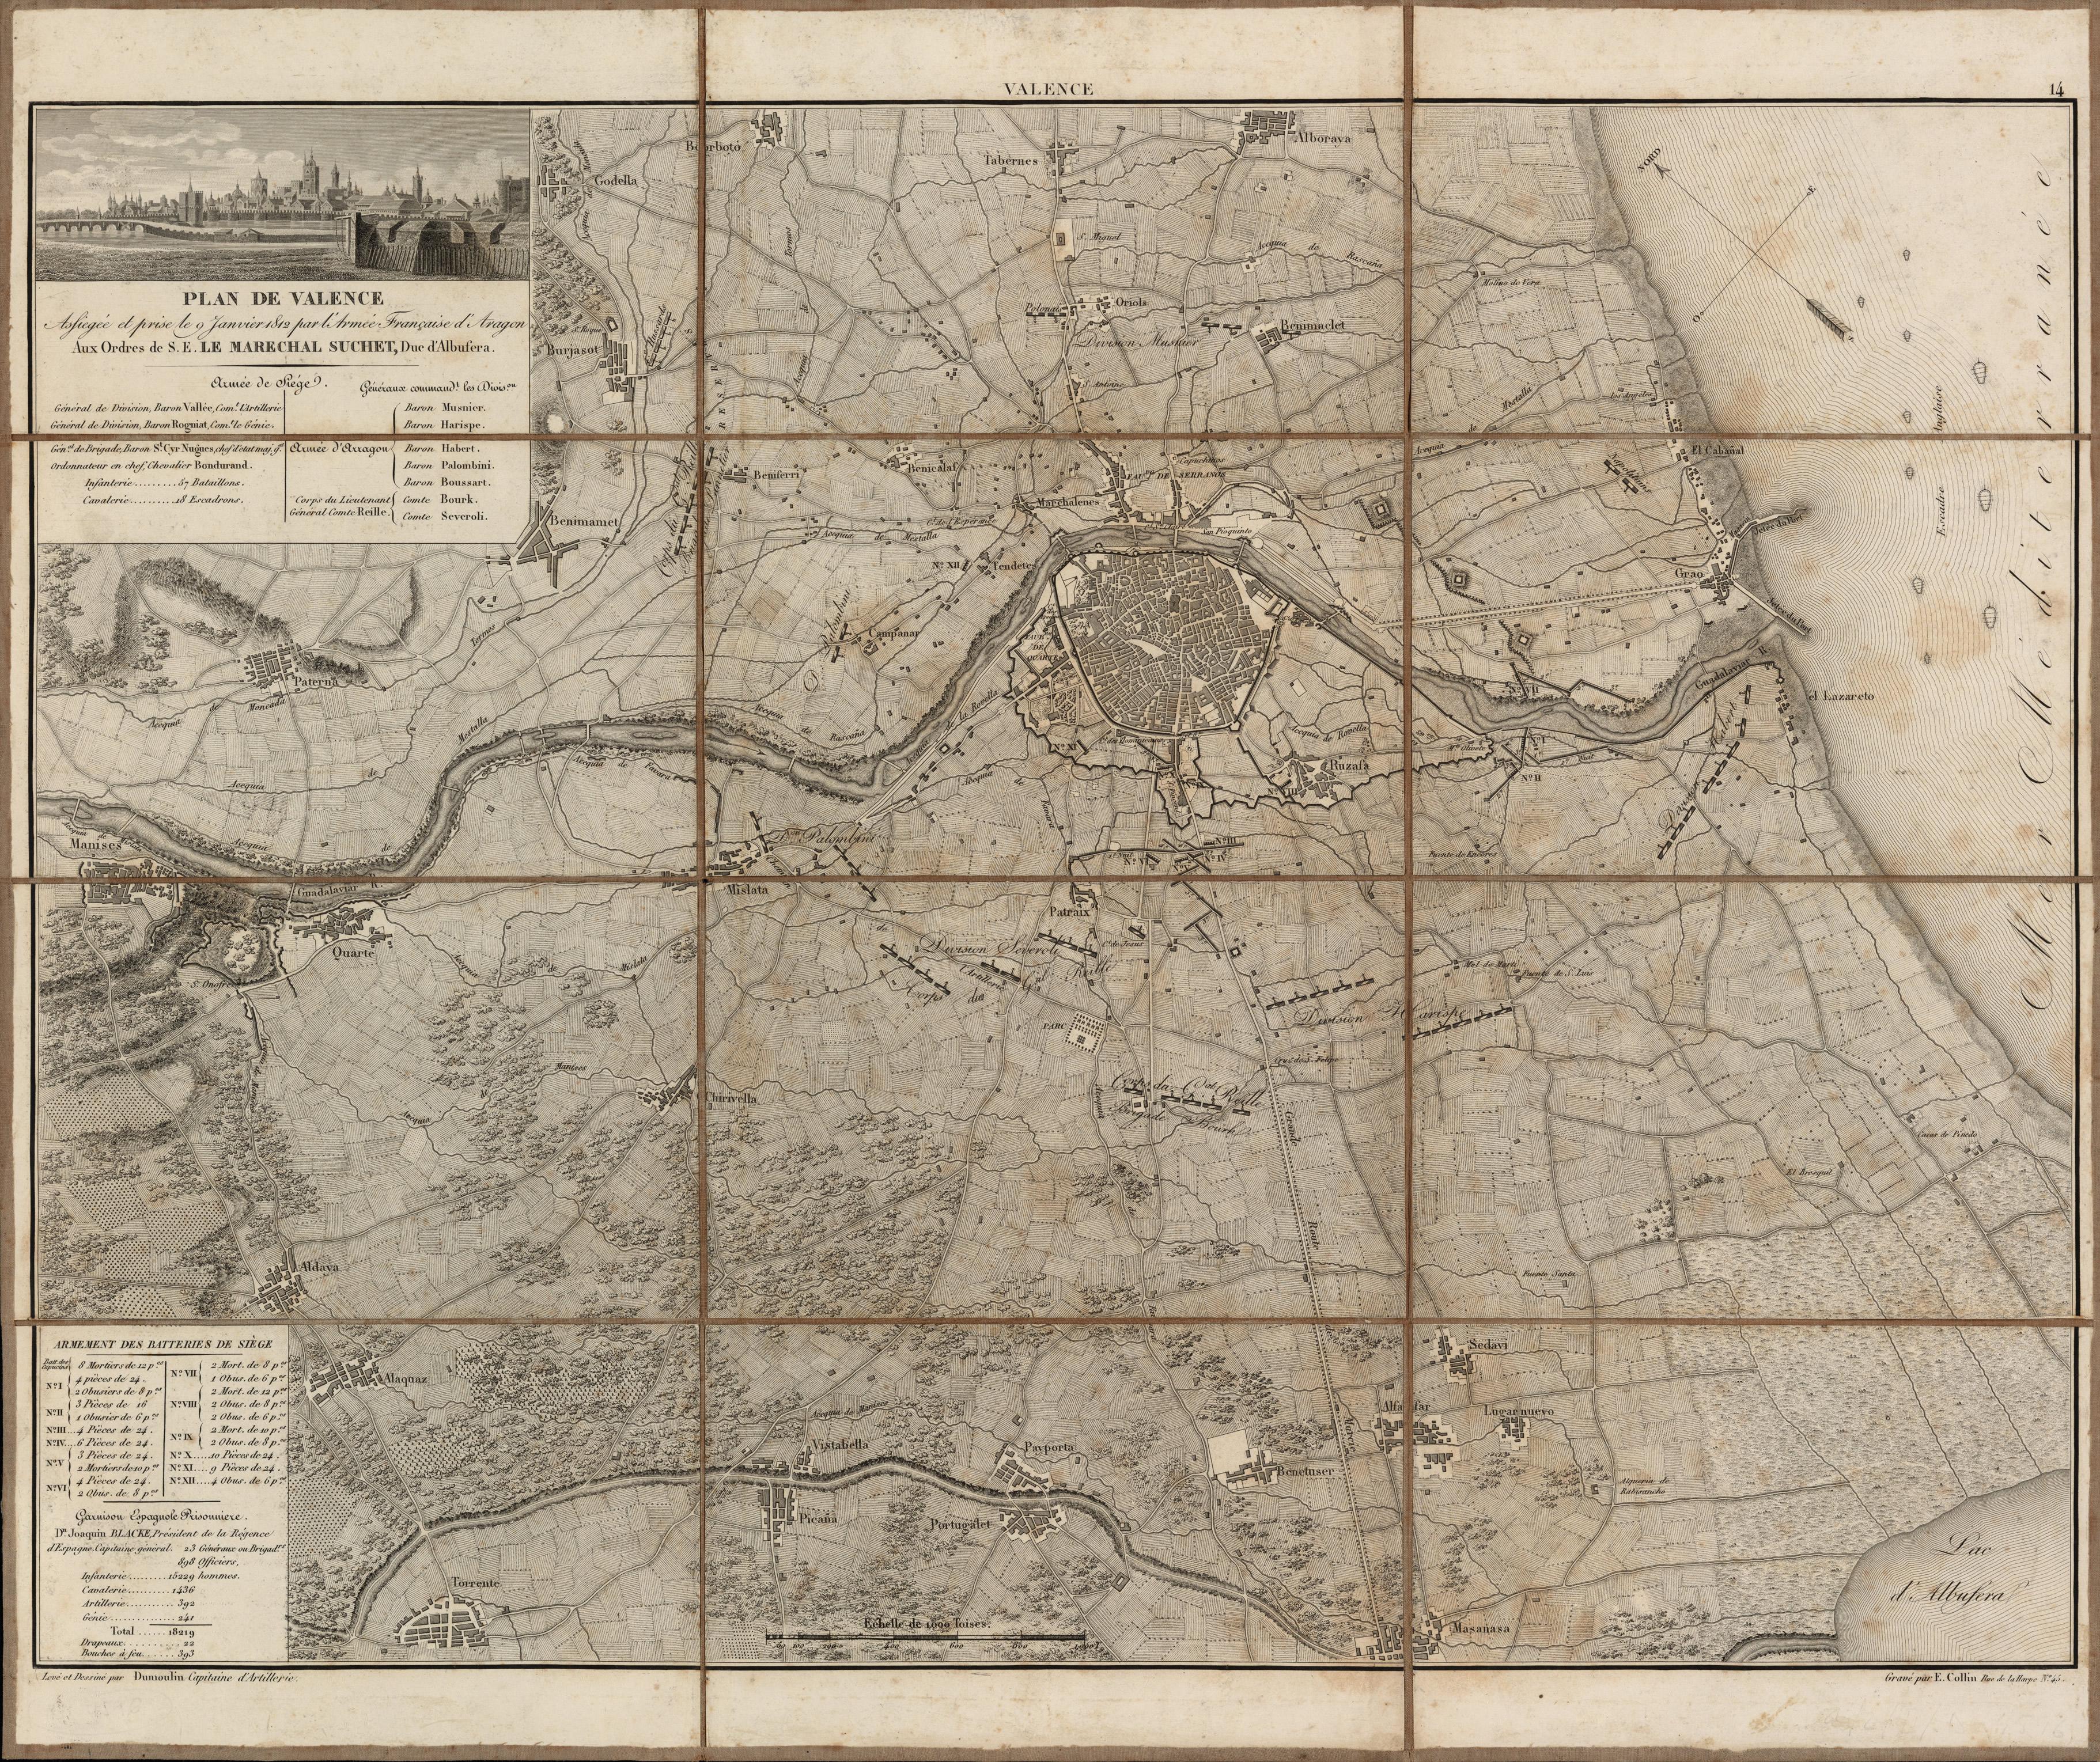 Plano de Valencia, enero 1812